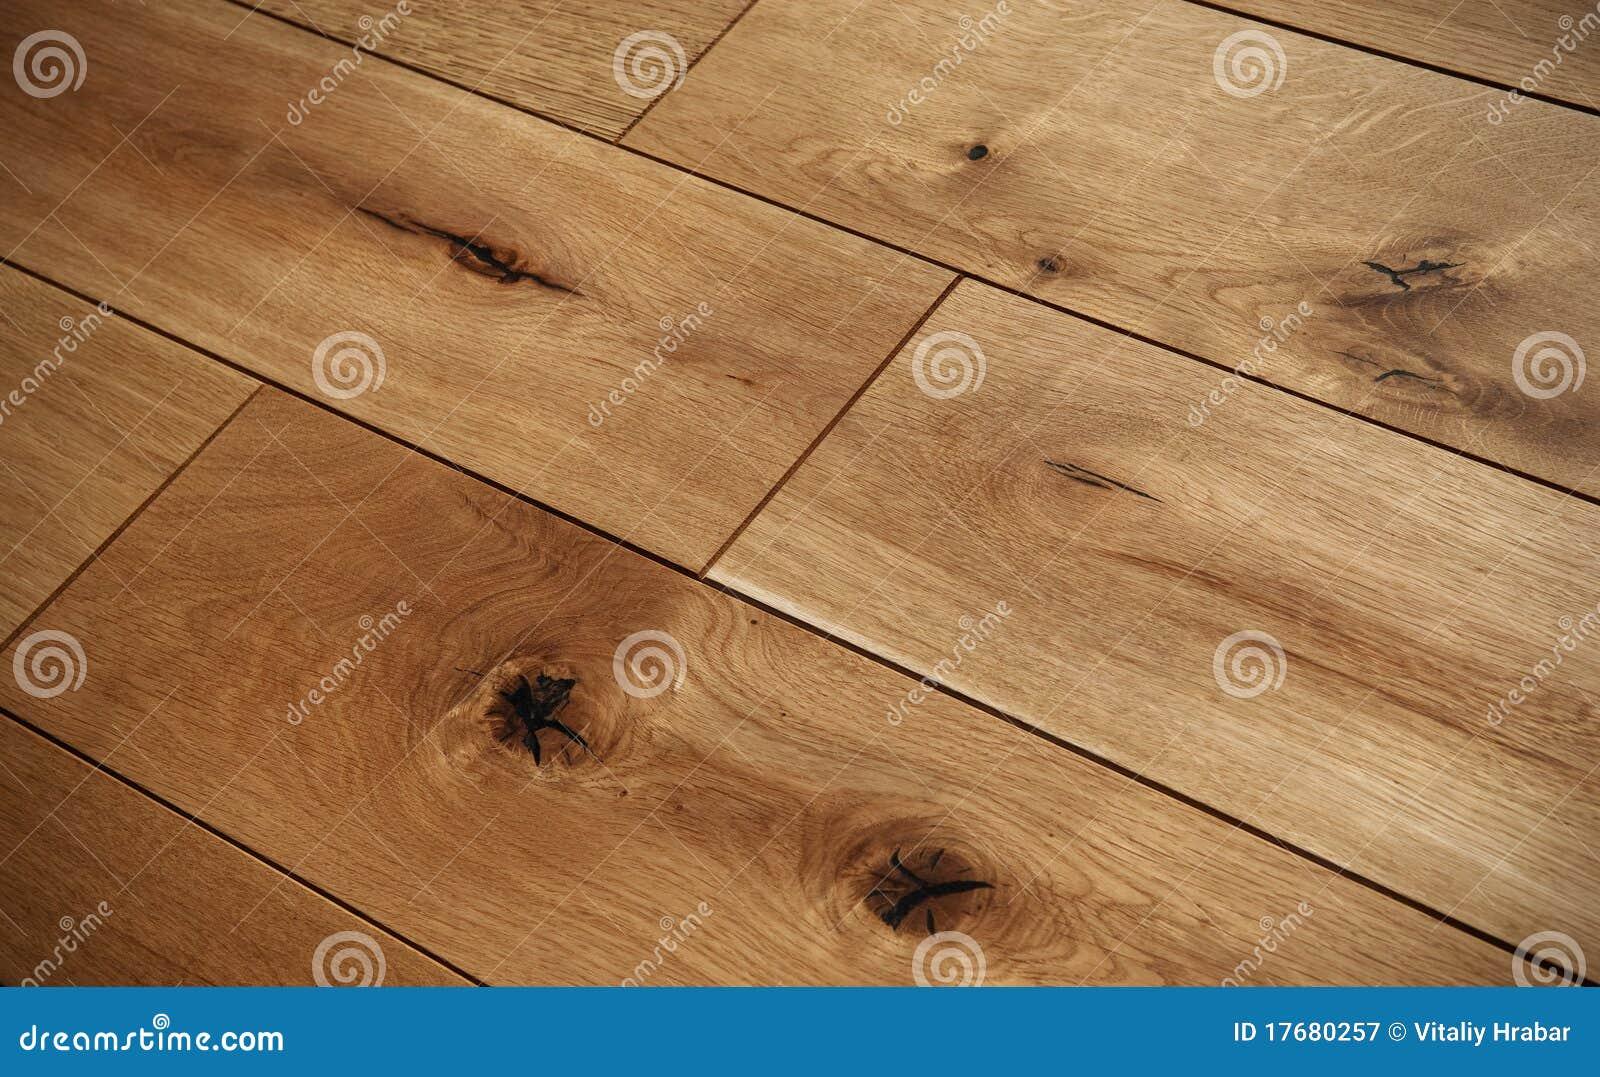 Podłogowy parkietowy drewniany